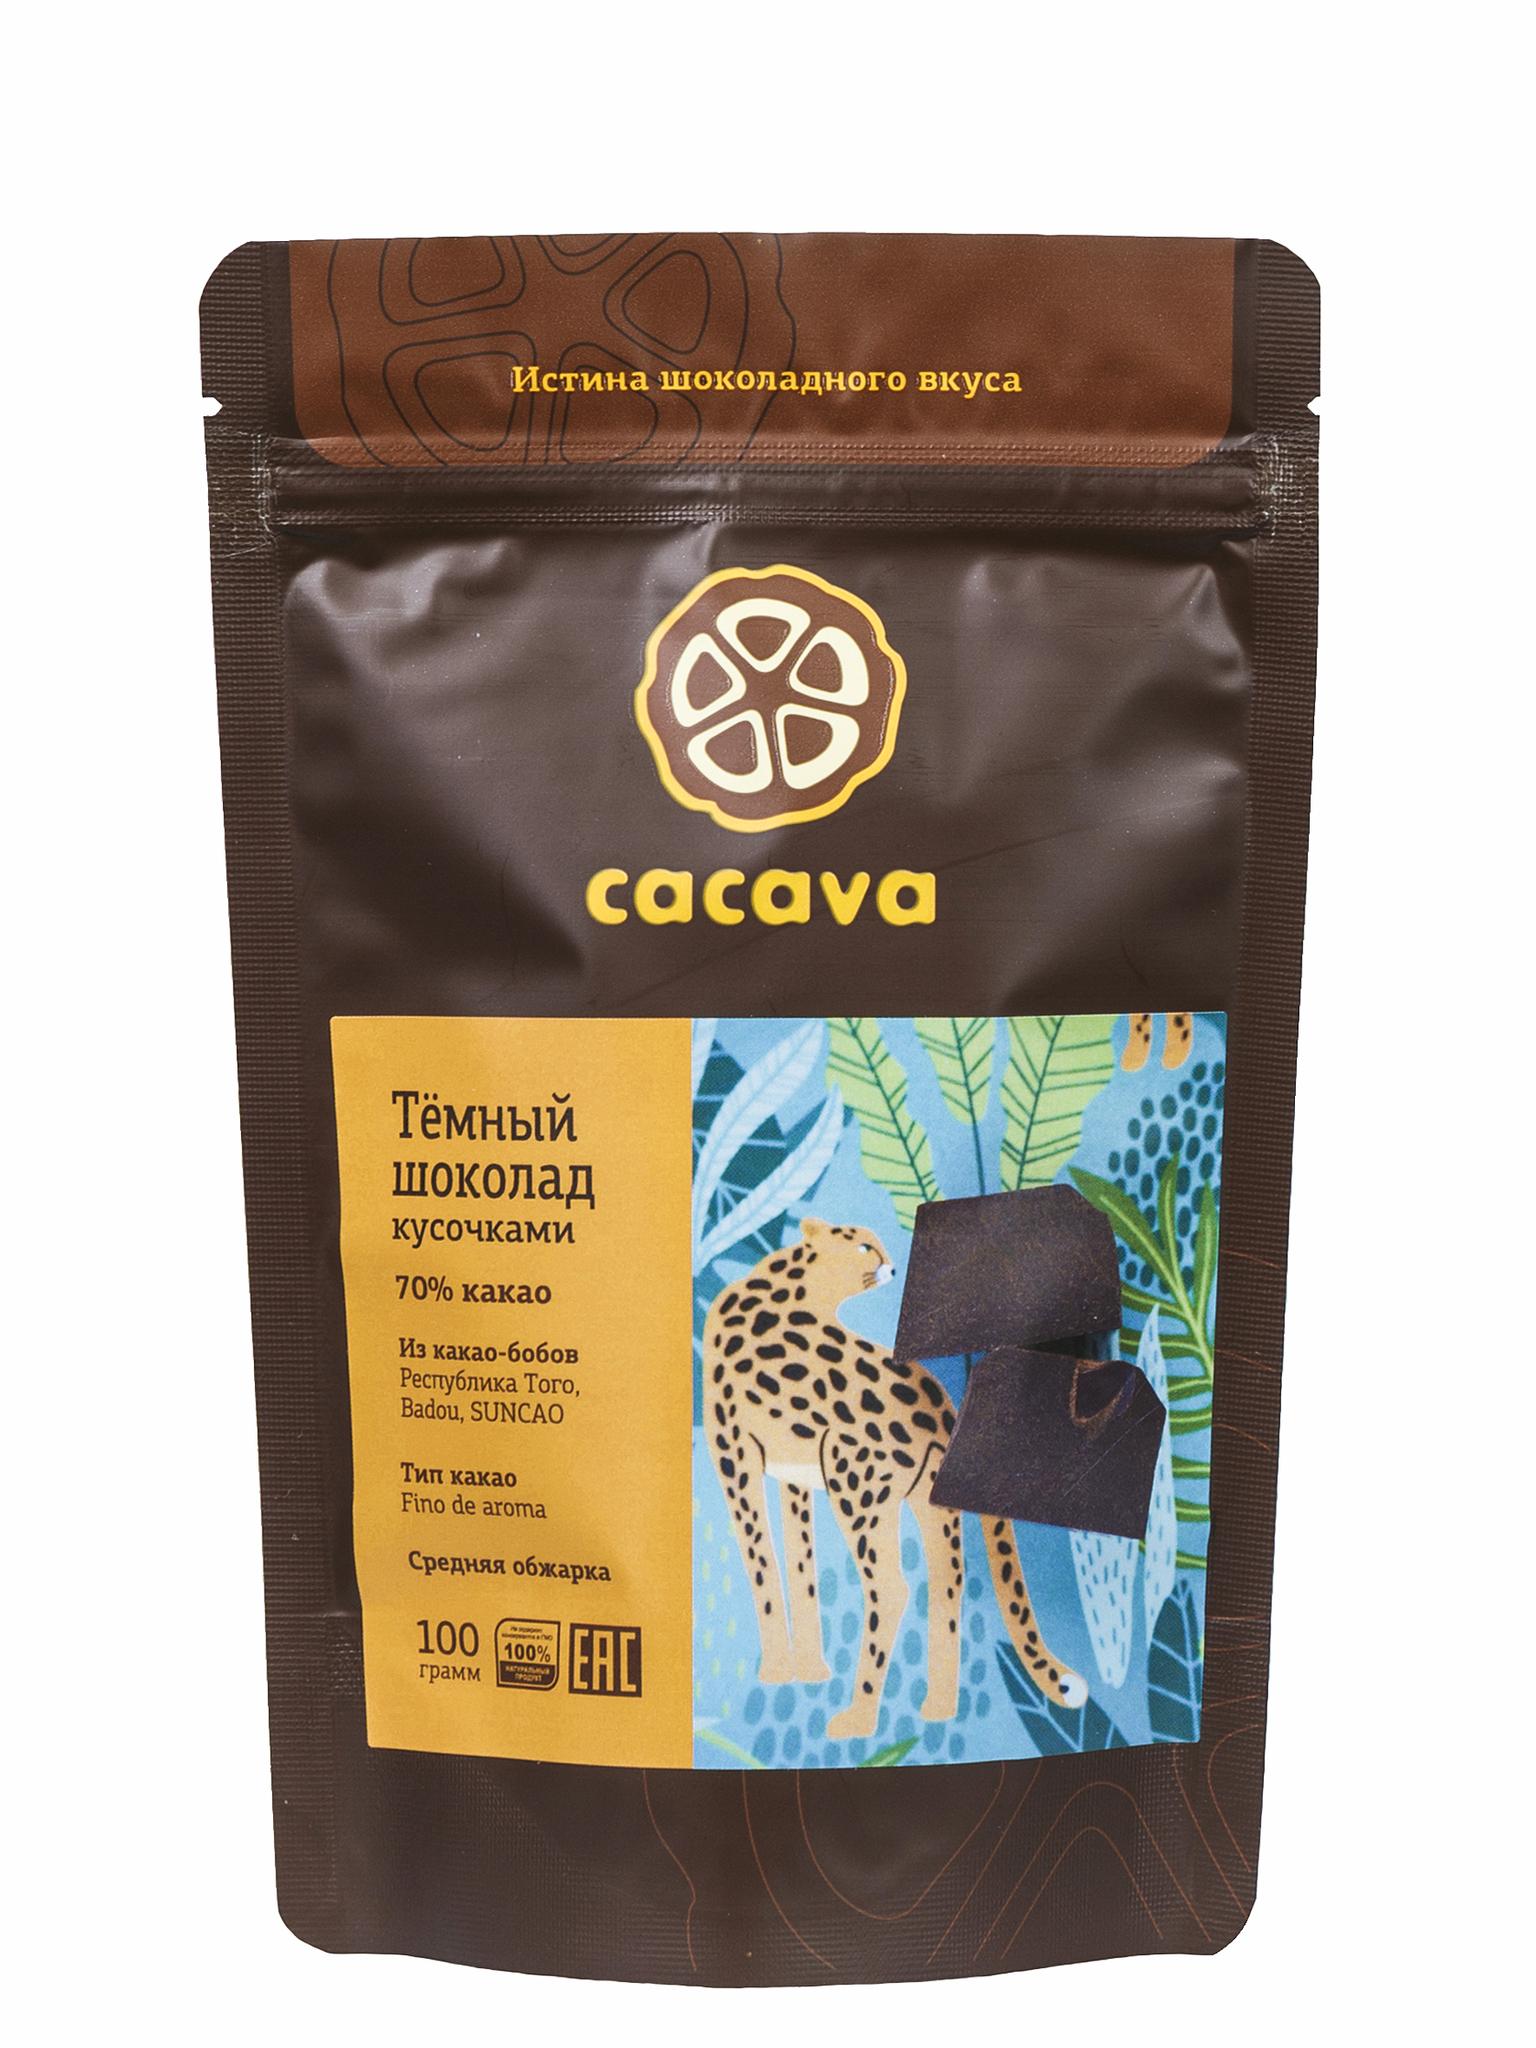 Тёмный шоколад 70 % какао (Того, Badou), упаковка 100 грамм